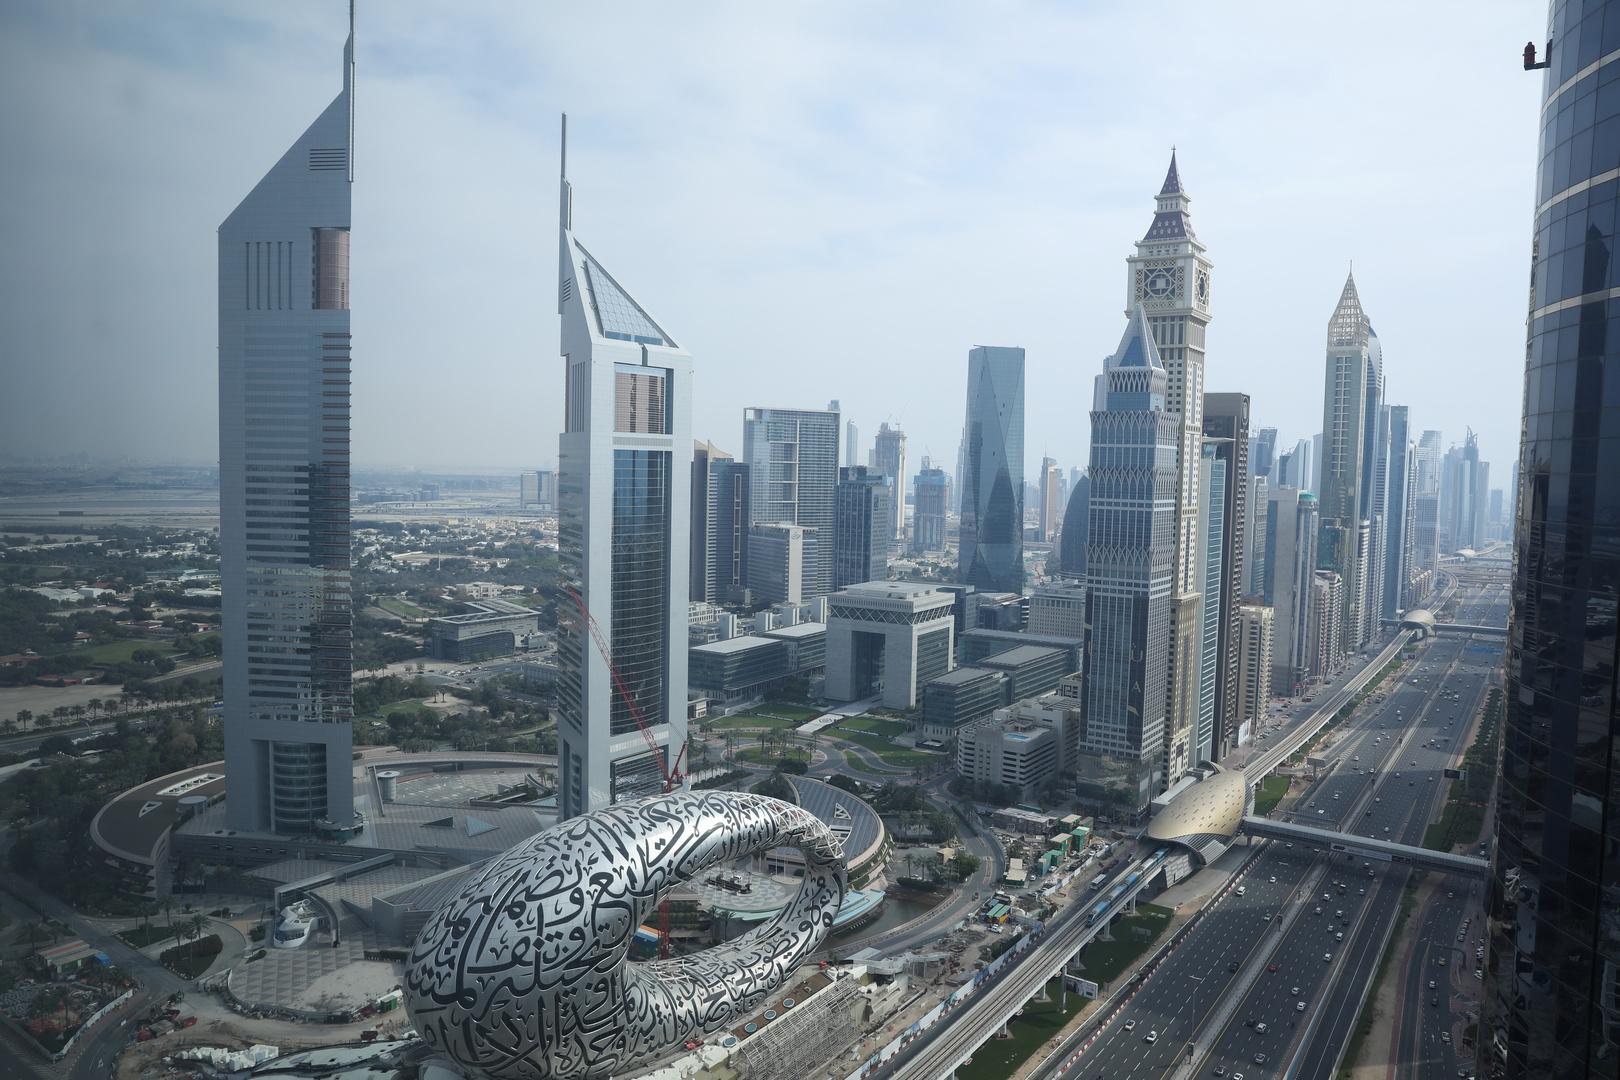 الإمارات تدين استهداف خميس مشيط السعودية بمسيرة مفخخة